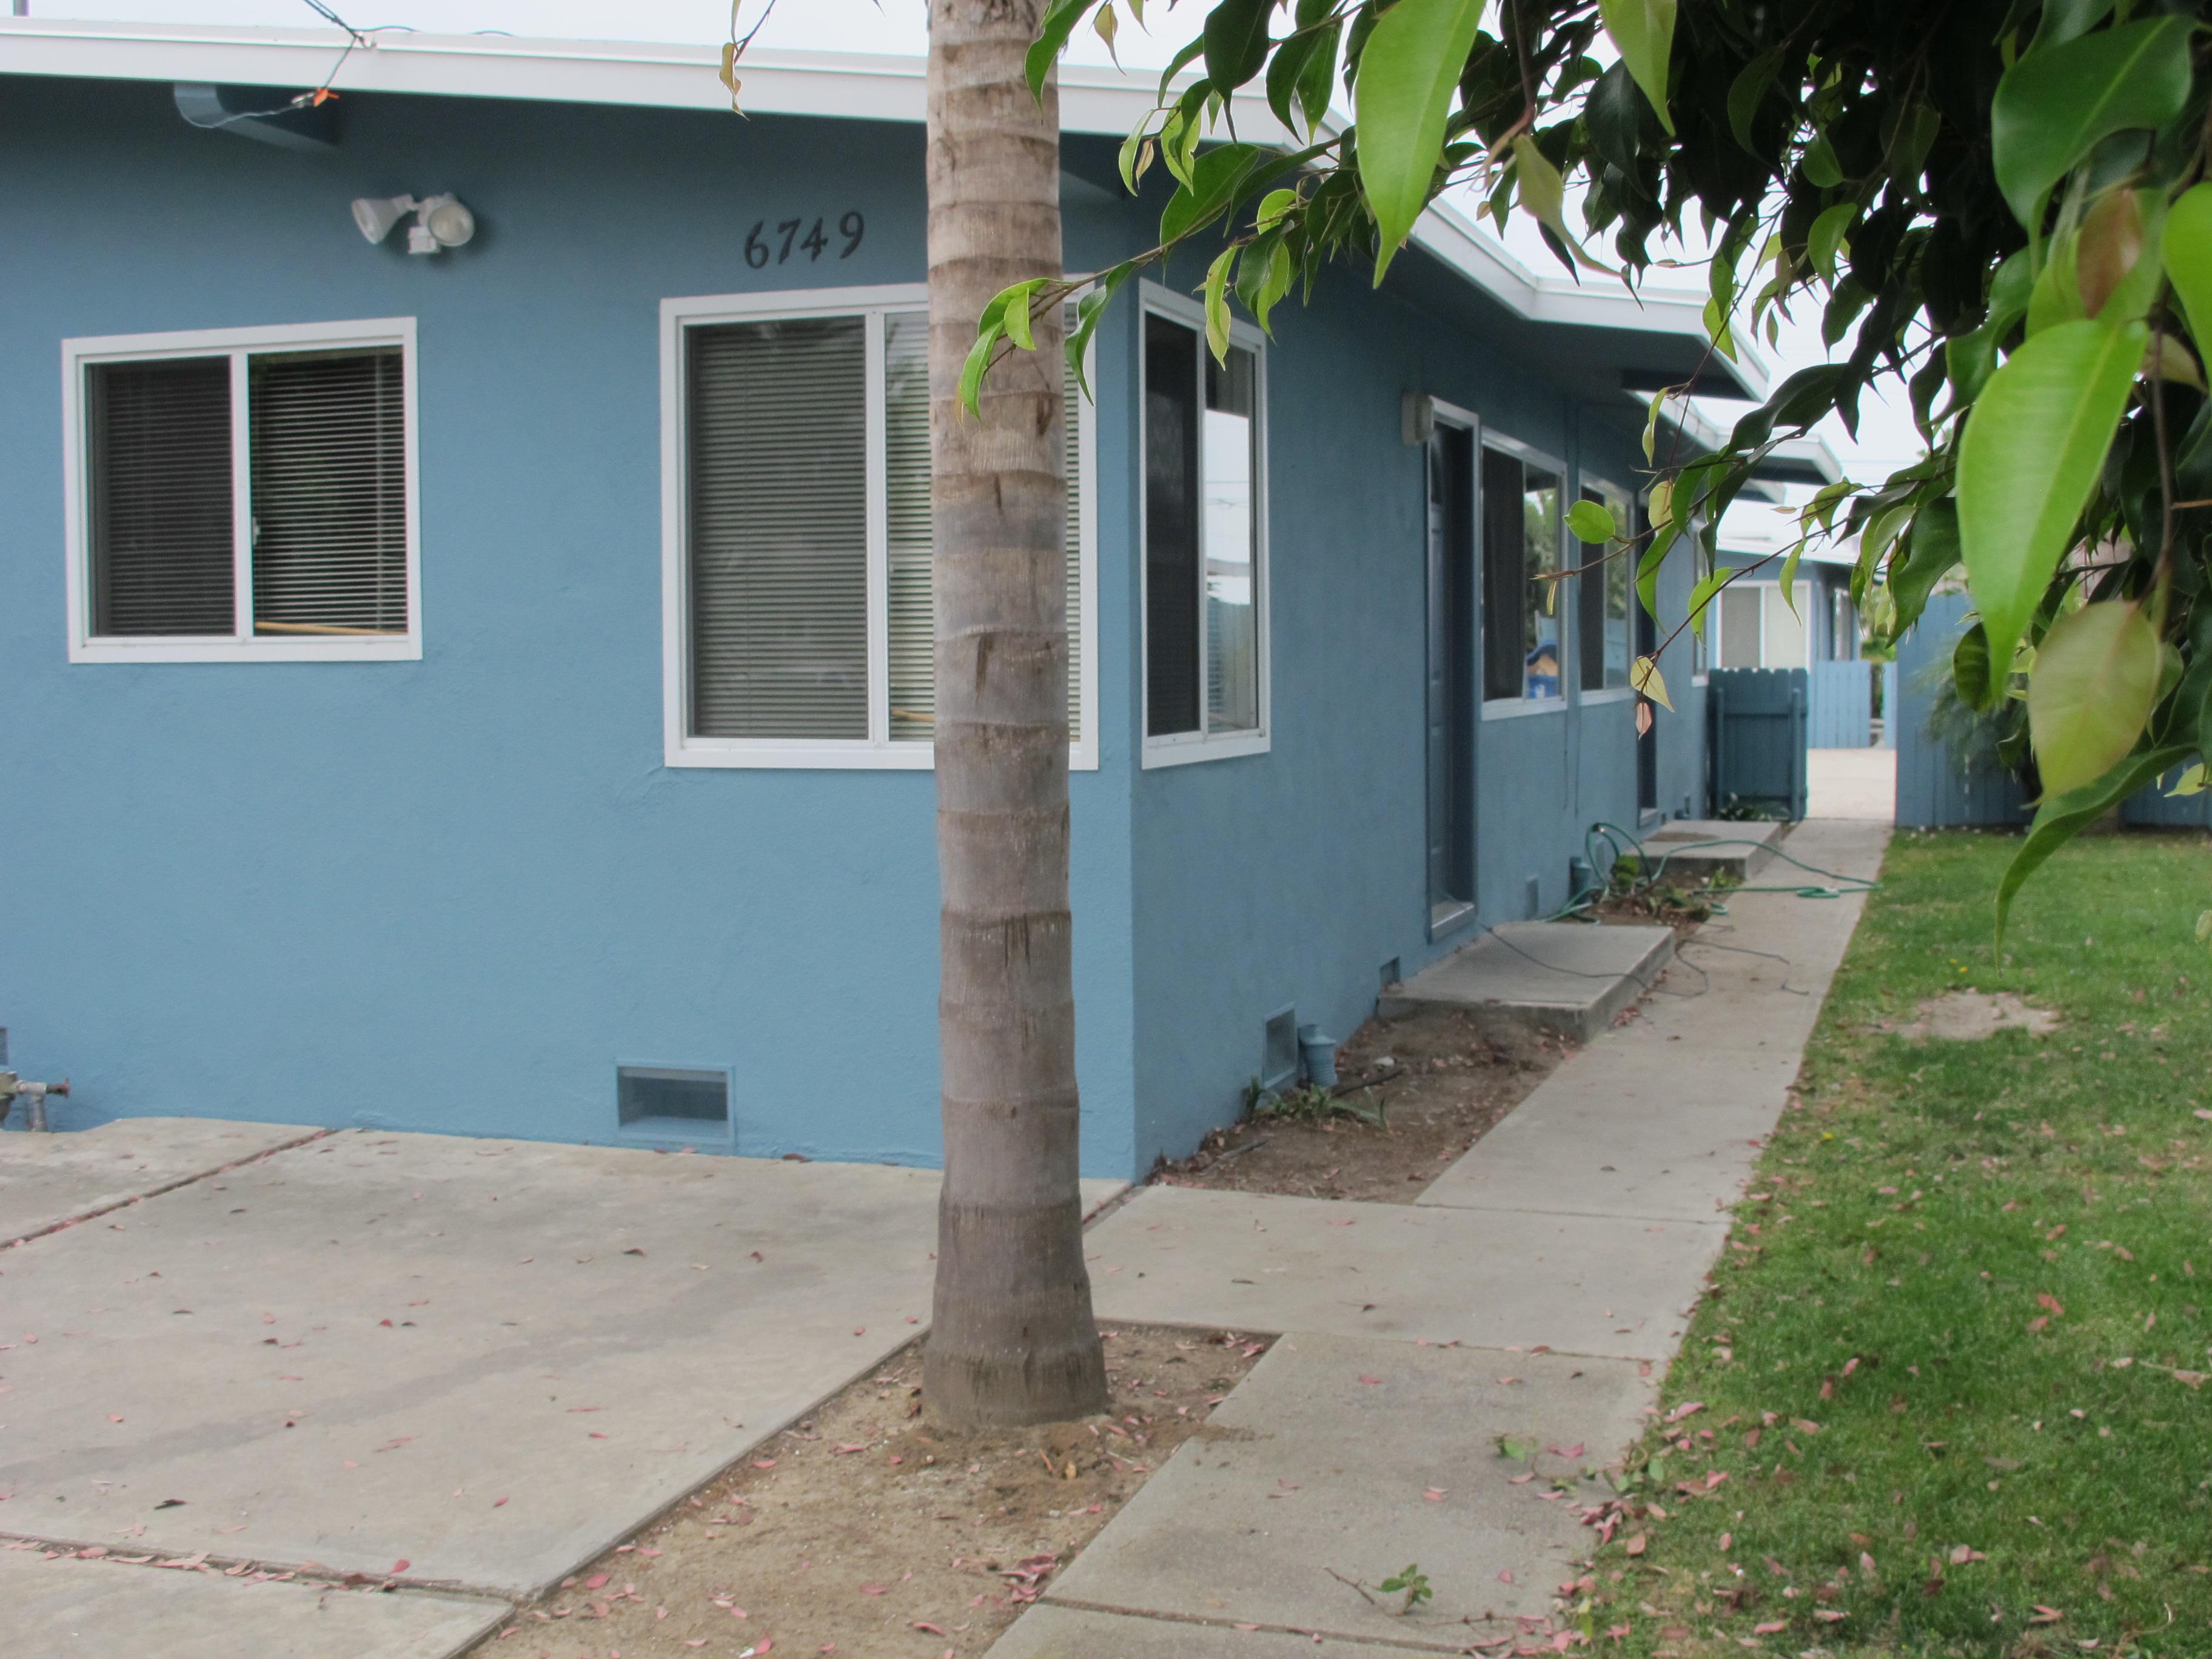 6749 Sabado Tarde / 6750 Del Playa 6749B image